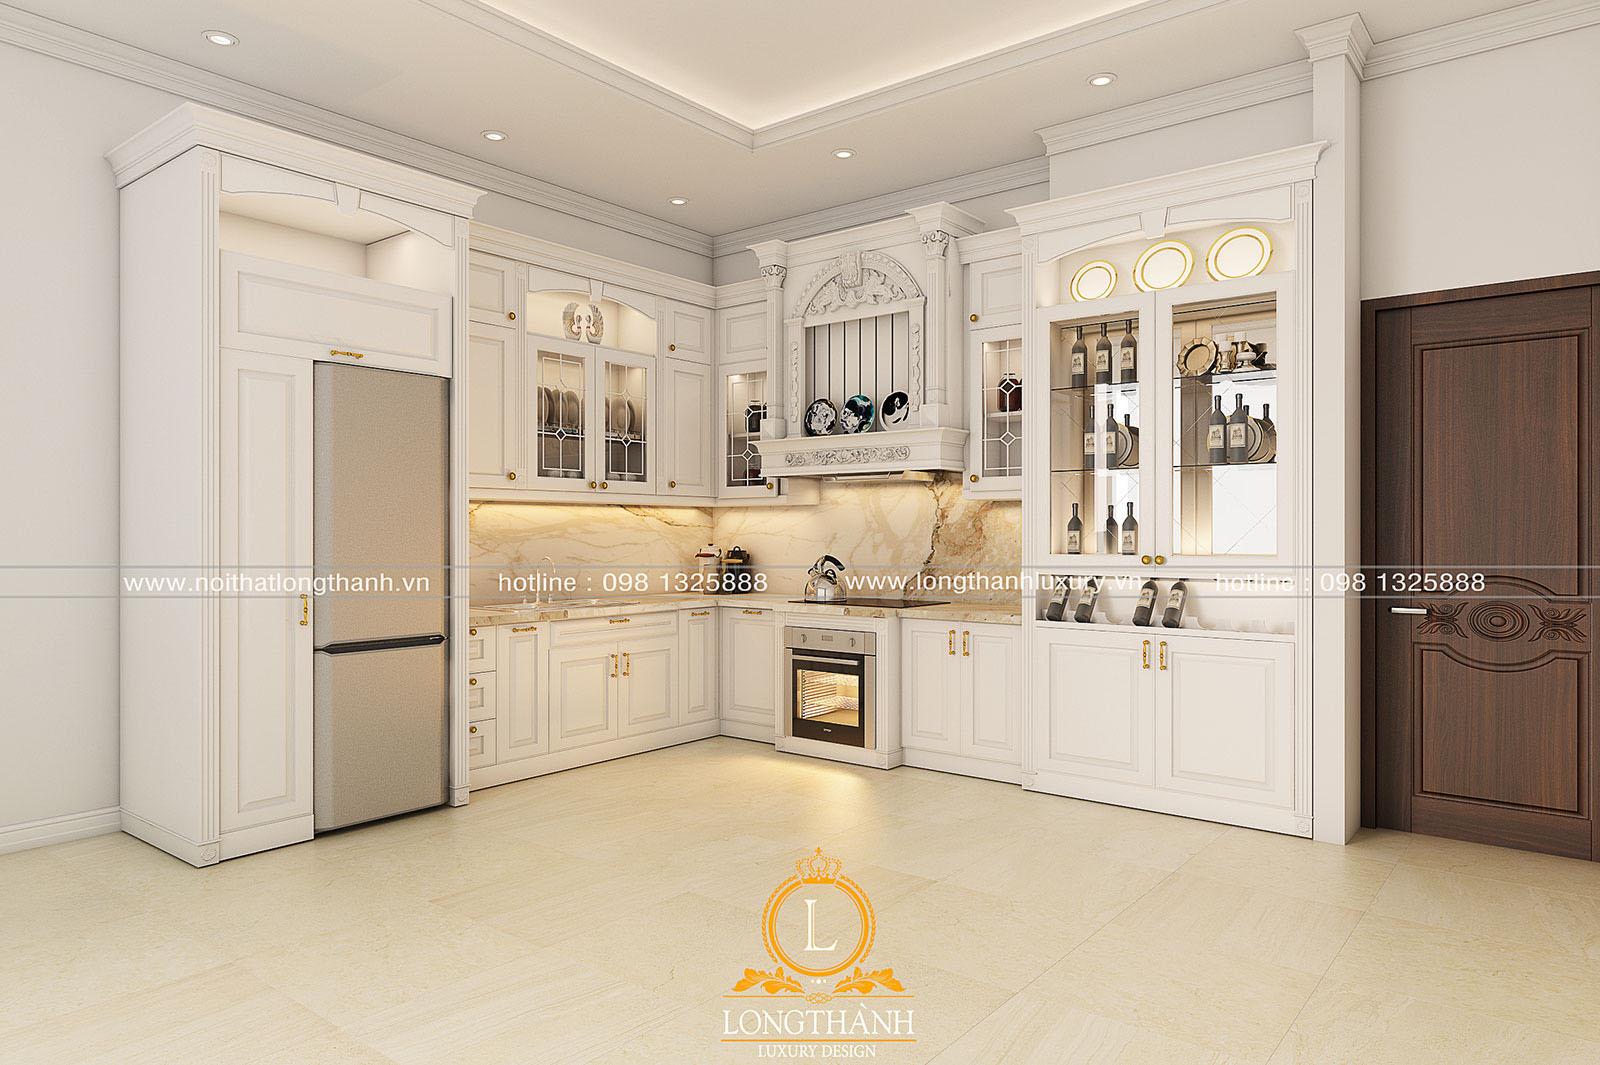 Tủ bếp gỗ tự nhiên sơn trắng đẹp LT 59 góc nhìn thứ 2